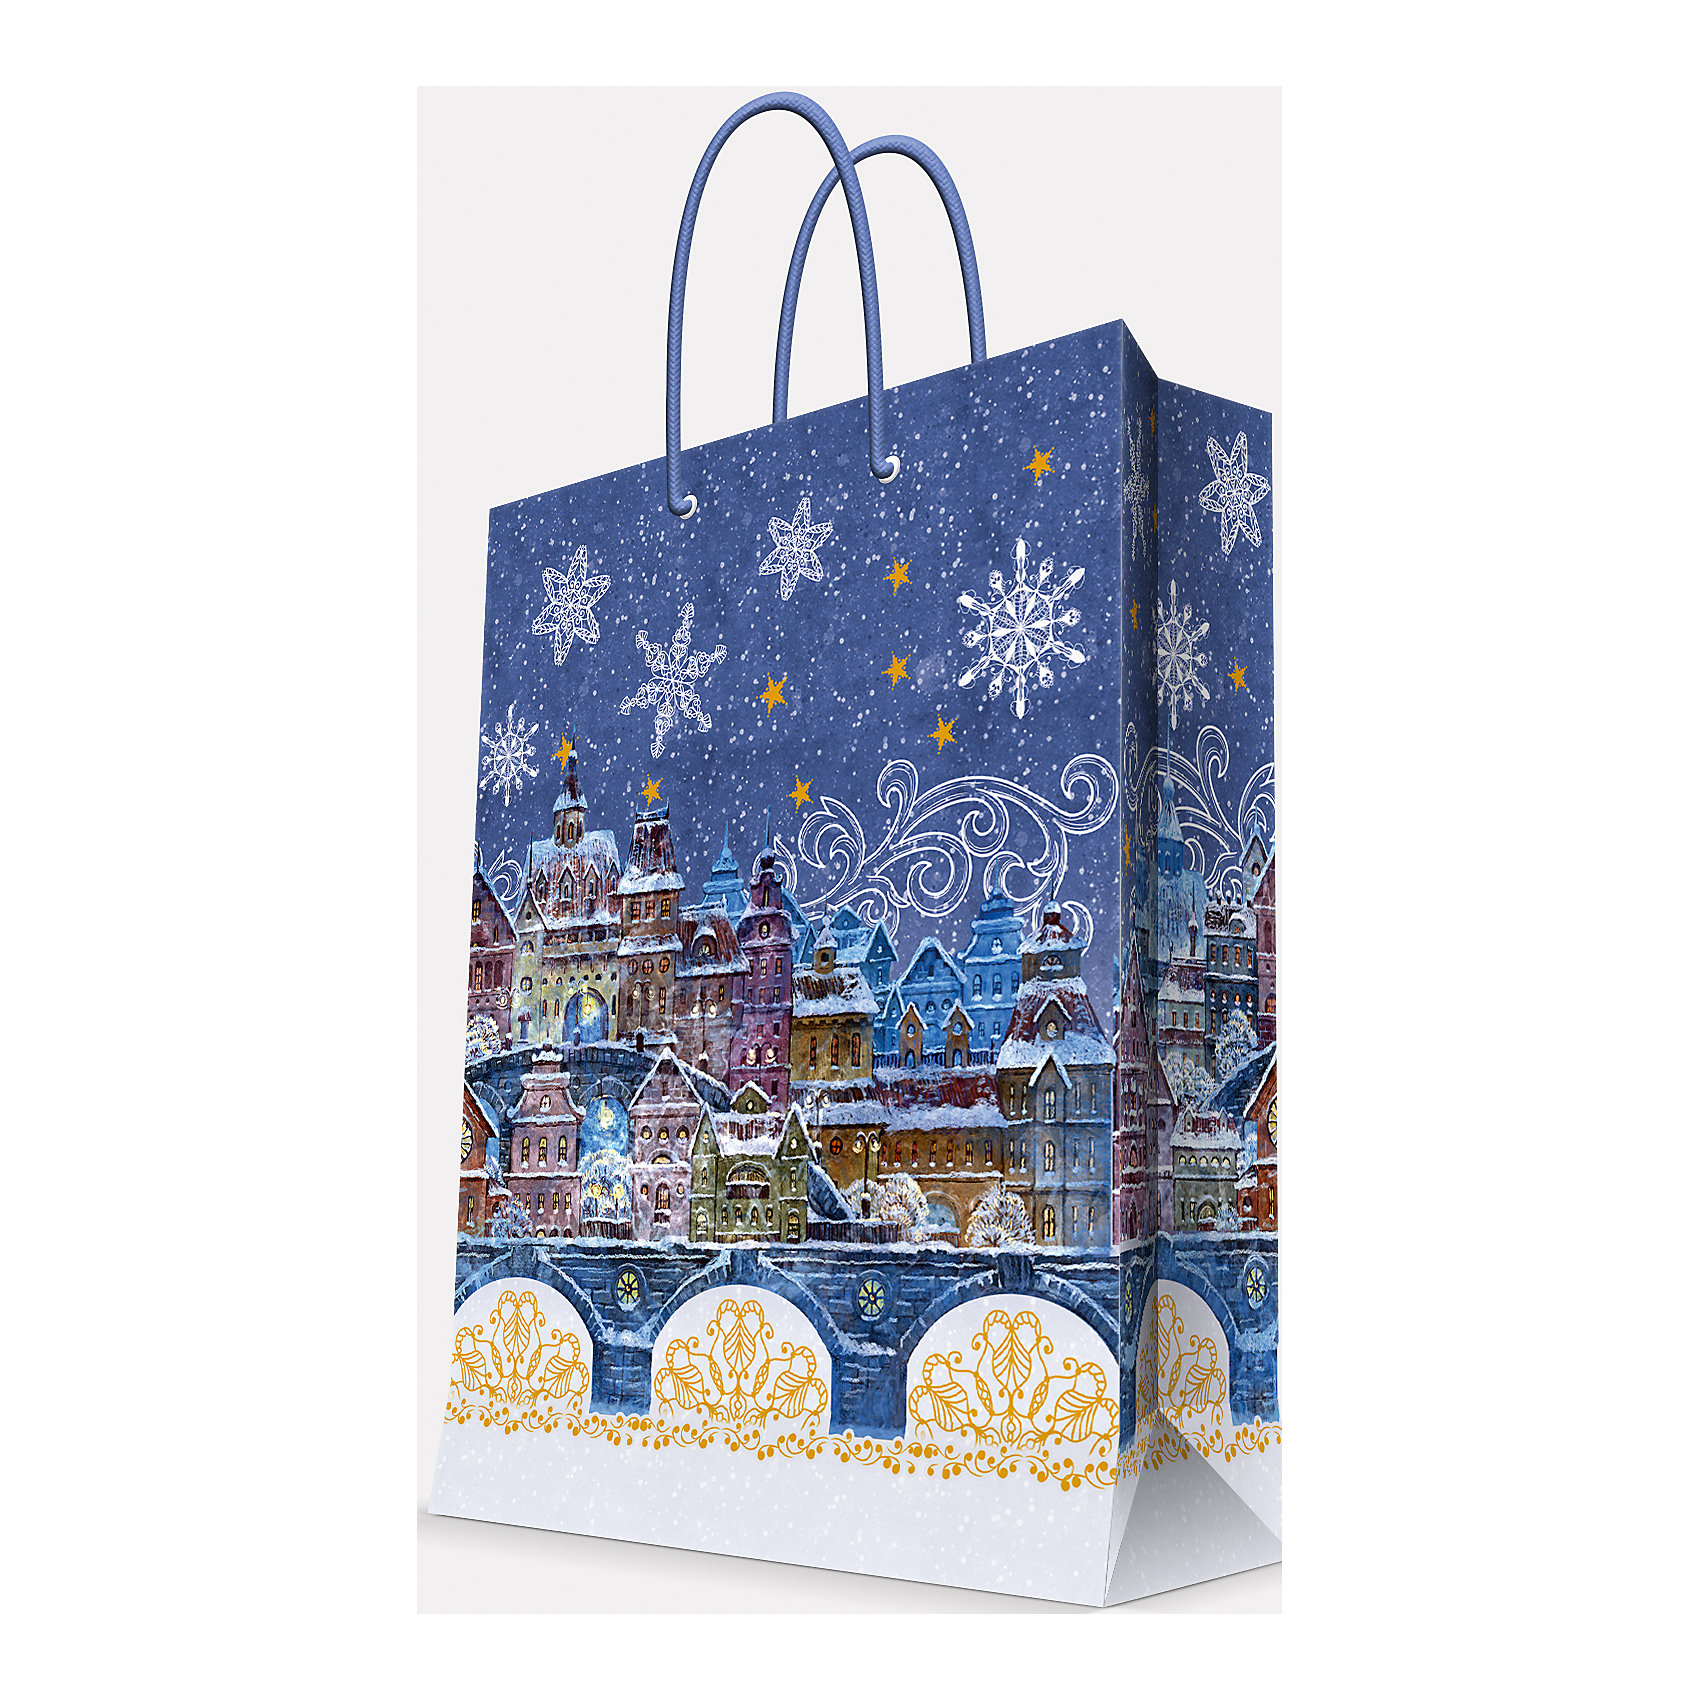 Подарочный пакет Сказочный город 40,6*48,9*19 смПодарки – та часть новогоднего праздника, за которую Новый год любят все дети. Зачастую упаковке подарков уделяют недостаточно много внимания, делая акцент на содержании. С одной стороны, подход верный. Но всегда приятно получить подарок, который красиво упакован и пофантазировать, что же там внутри. Подарочный новогодний пакет облегчит процесс обертывания подарка и сделает его быстрым и приятным. Материалы, использованные при изготовлении товара, абсолютно безопасны и отвечают всем международным требованиям по качеству. <br><br>Дополнительные характеристики:<br><br>материал: бумага;<br>габариты: 40,6 х 48,9 х 19 см.<br><br>Подарочный пакет Сказочный город от компании Феникс Present можно приобрести в нашем магазине.<br><br>Ширина мм: 406<br>Глубина мм: 489<br>Высота мм: 190<br>Вес г: 123<br>Возраст от месяцев: 36<br>Возраст до месяцев: 2147483647<br>Пол: Унисекс<br>Возраст: Детский<br>SKU: 4981626